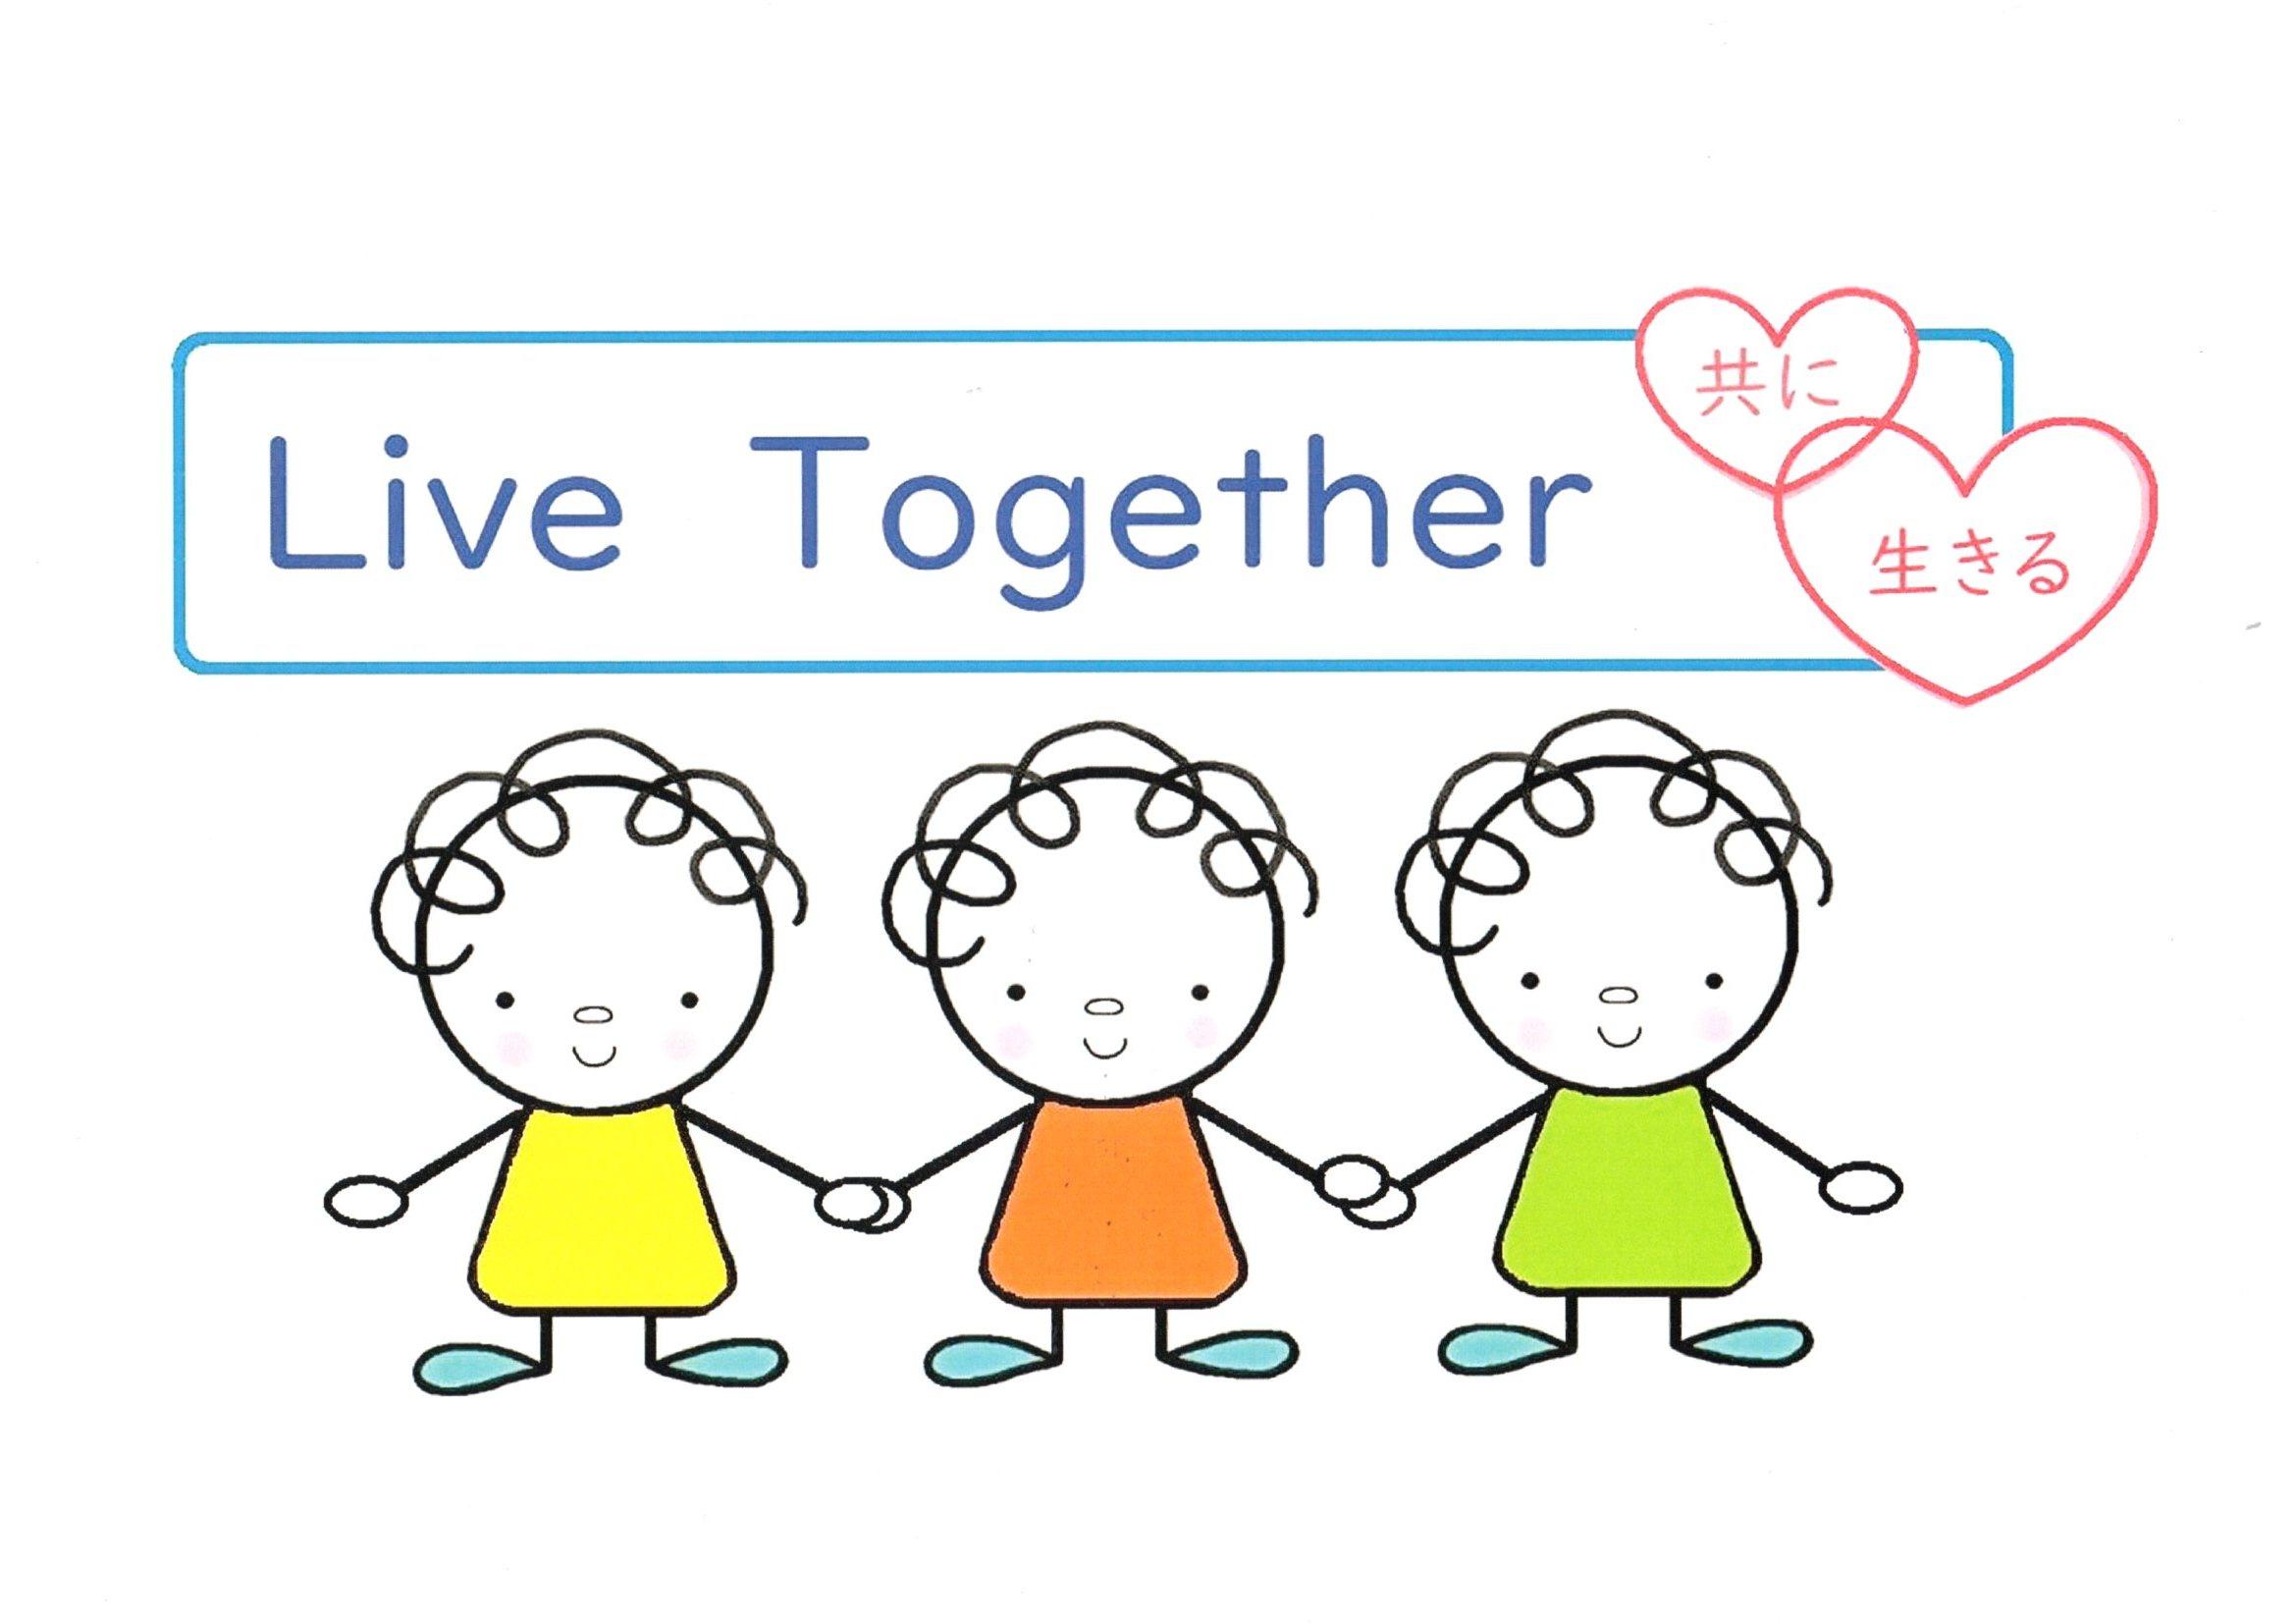 Live together 「共に 生きる」_d0204305_12392252.jpg